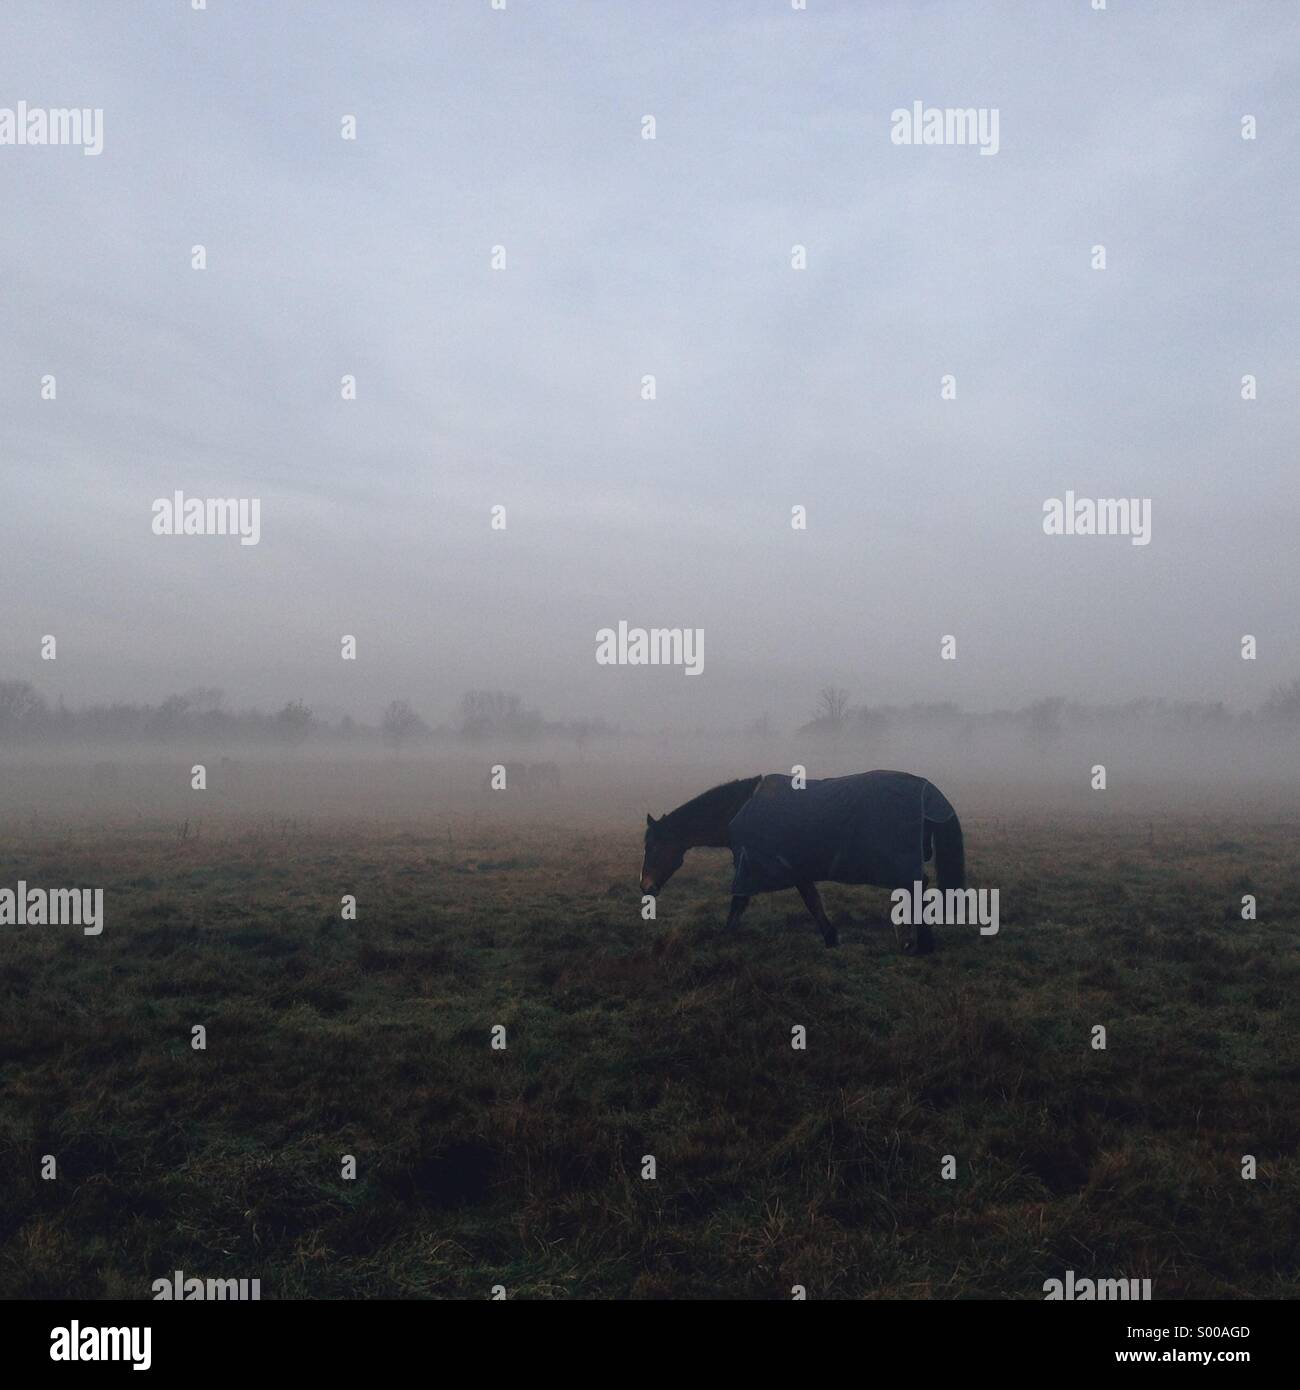 Cheval solitaire en manteau bleu sur un paysage sombre brouillard Photo Stock